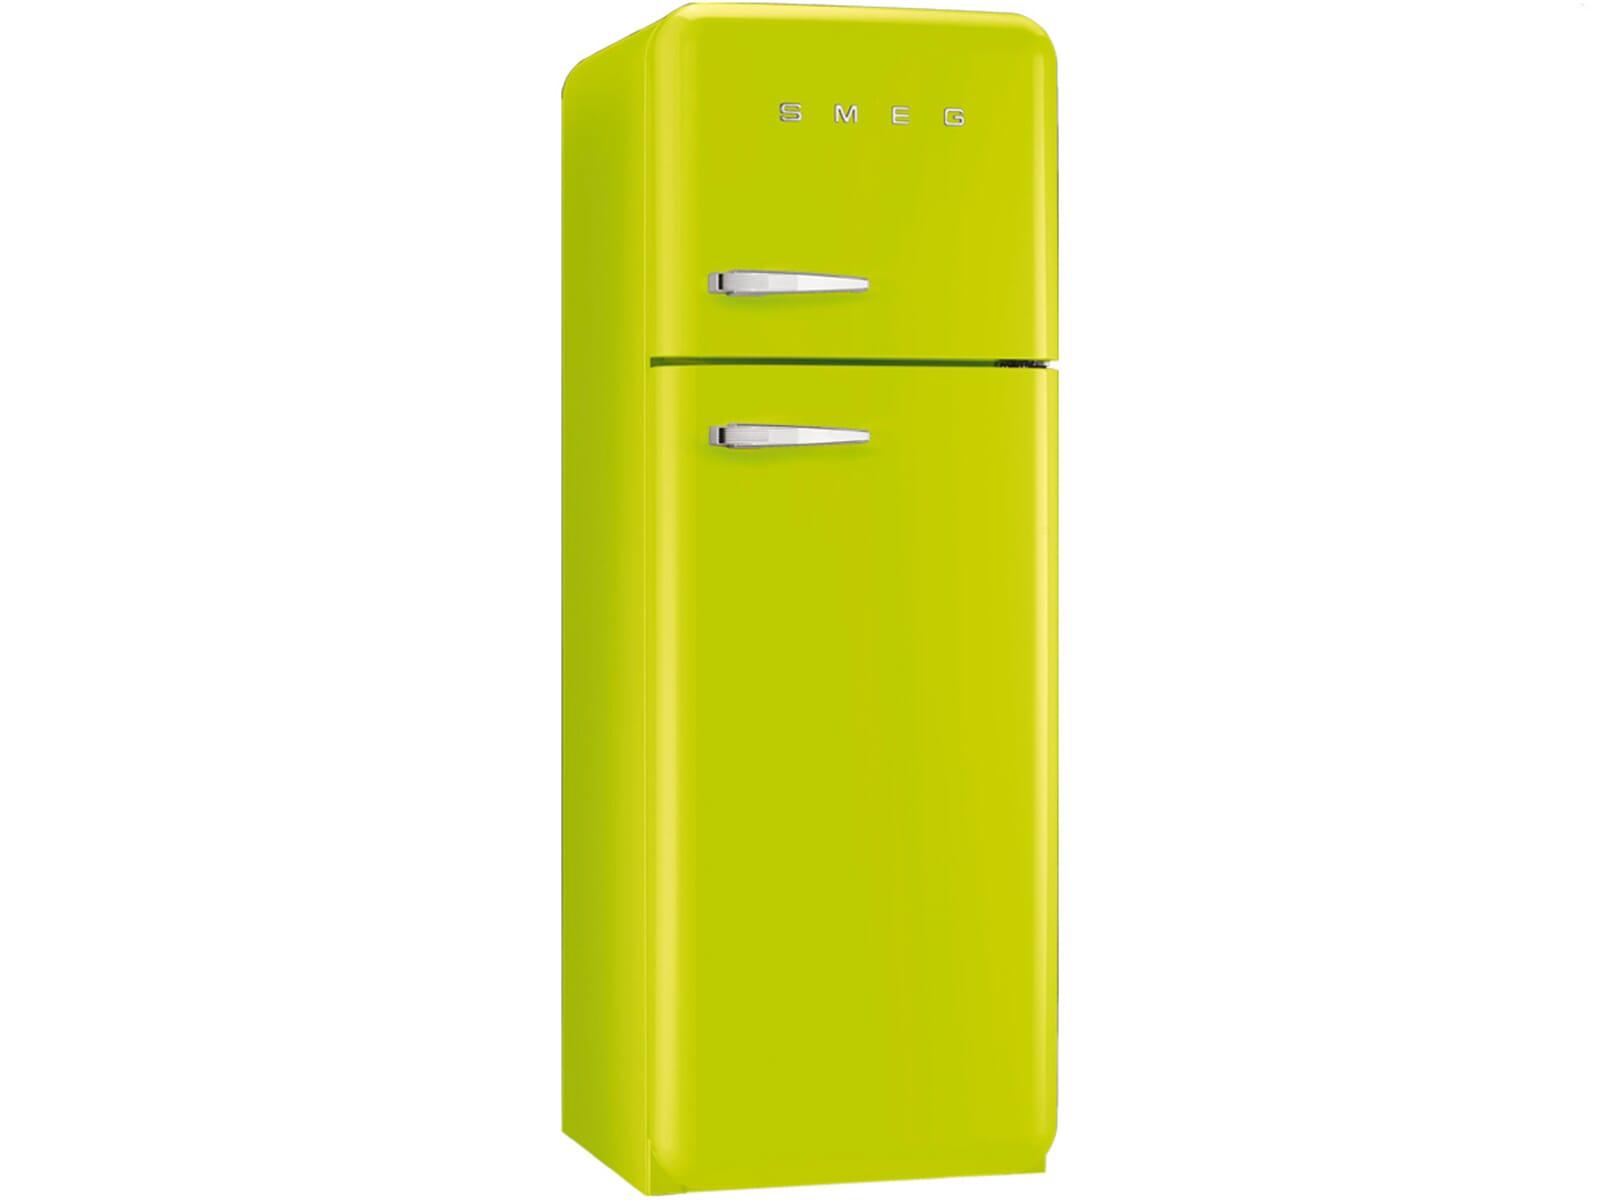 Smeg Kühlschrank Grün : Smeg kühlschrank farben smeg fab rdb standkühlschrank jeans